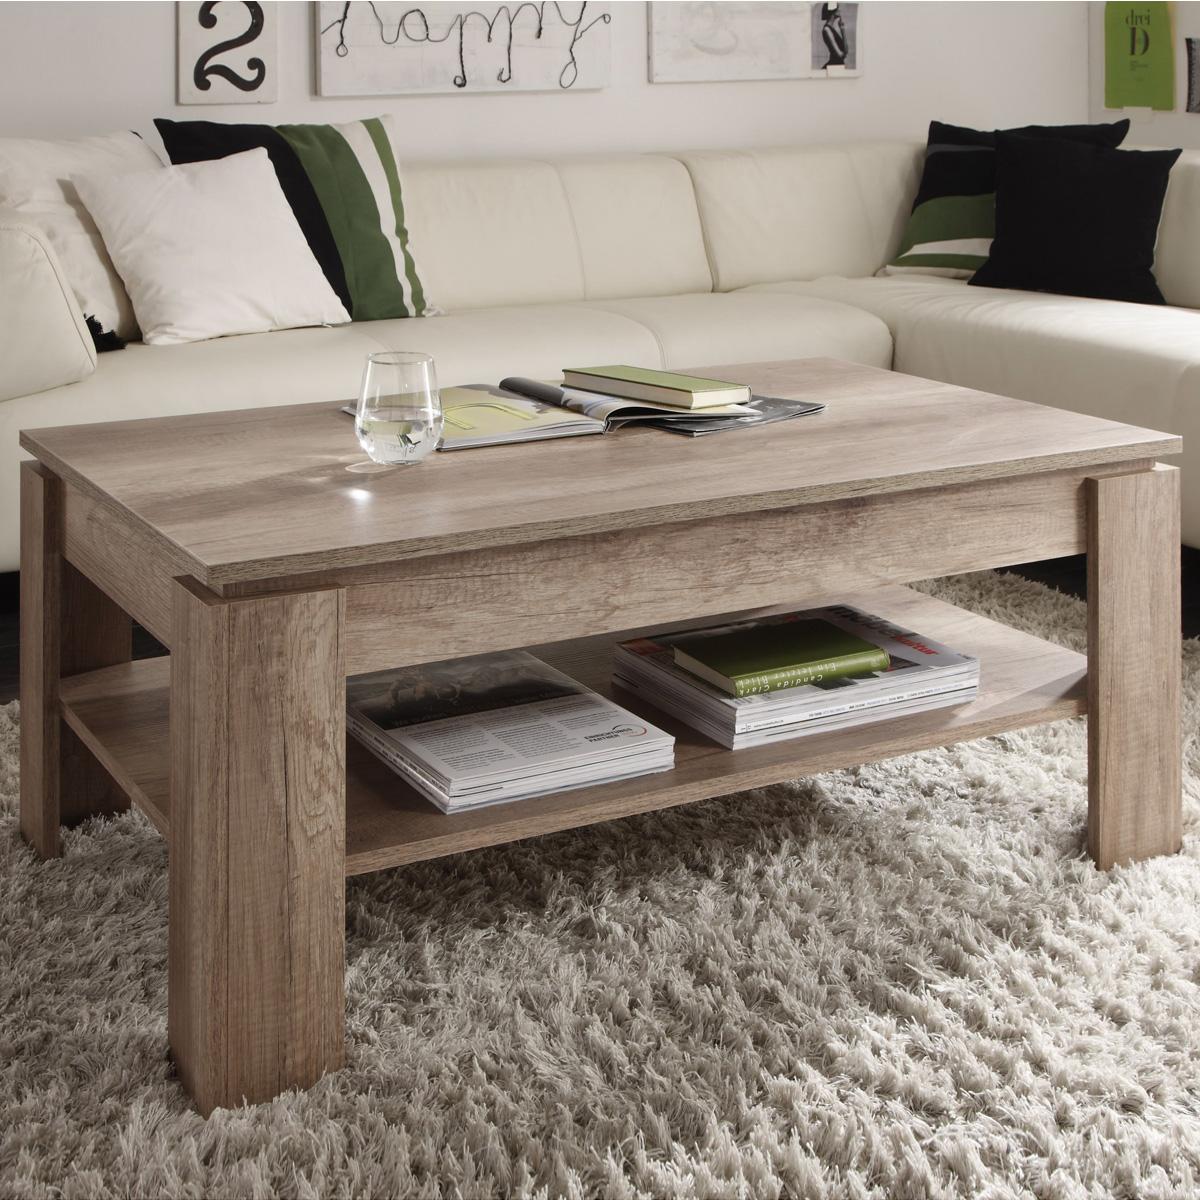 couchtisch universal mit ablage wohnzimmer tisch. Black Bedroom Furniture Sets. Home Design Ideas